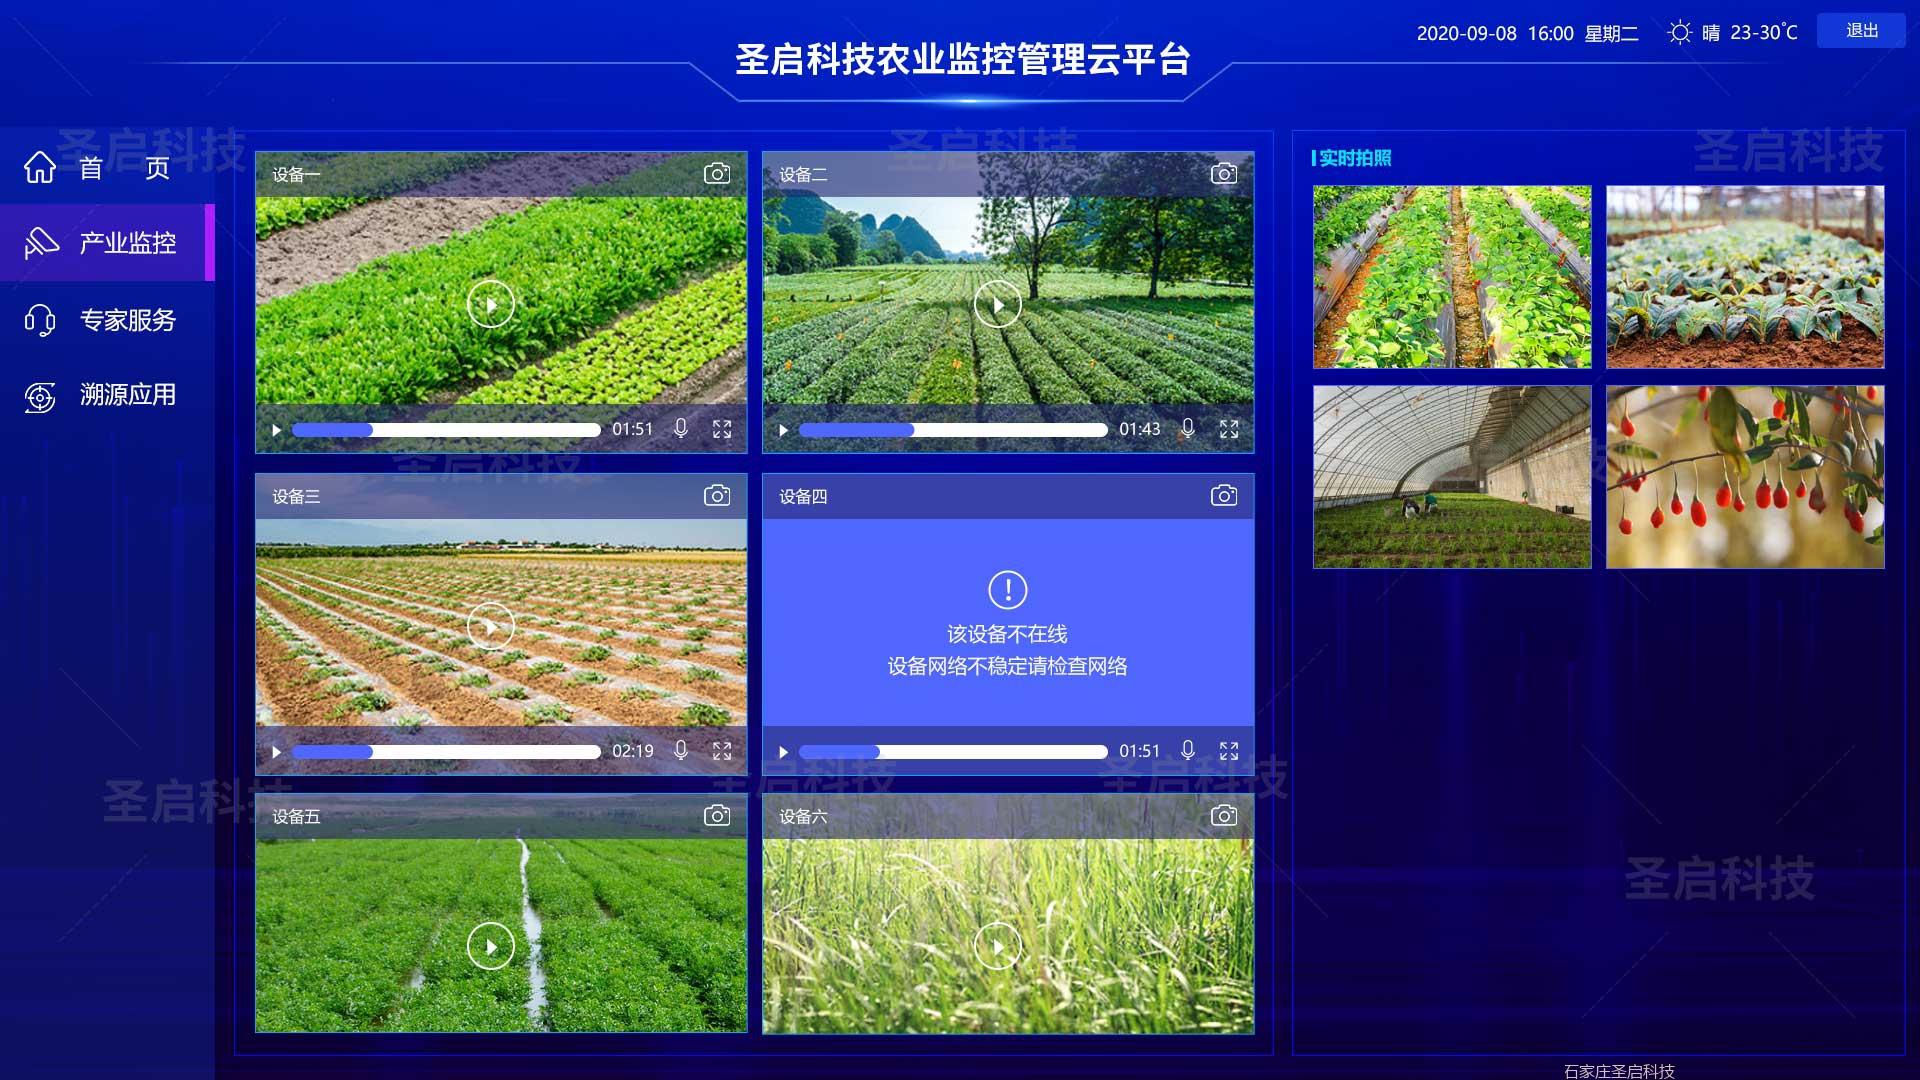 智慧农业监控管理云平台